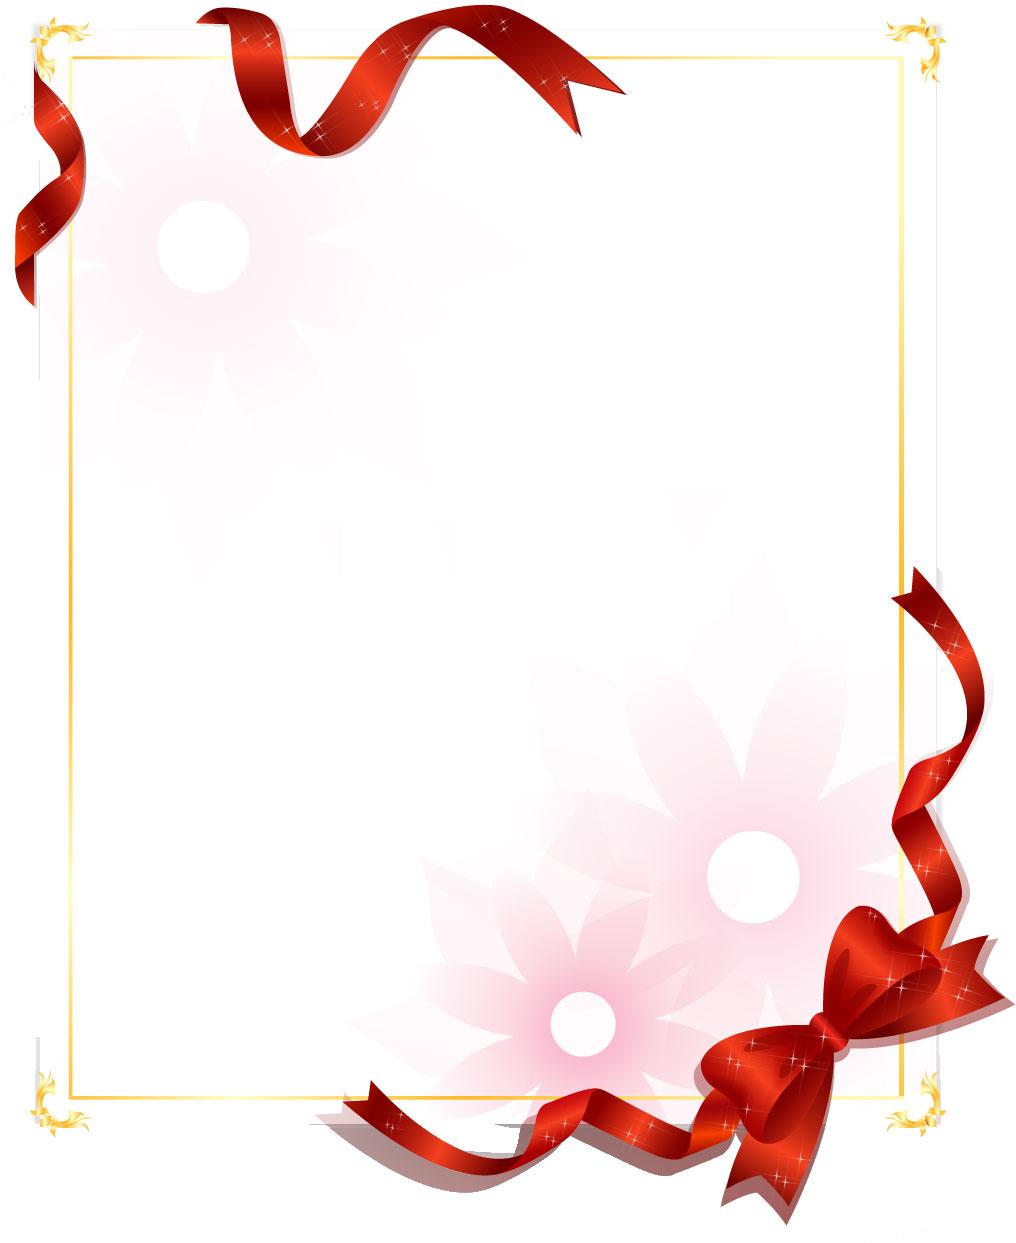 花のイラストフリー素材フレーム枠no515レッドリボン淡い